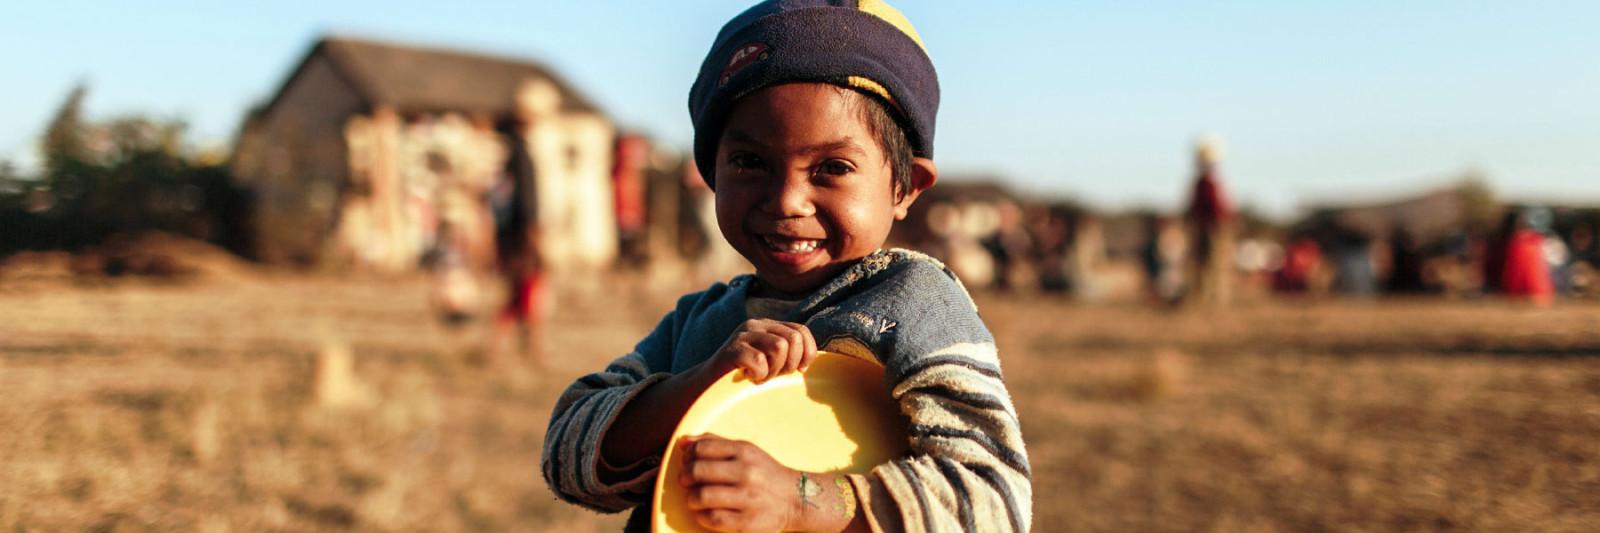 Chosen Servant Ministries - CSM Madagascar